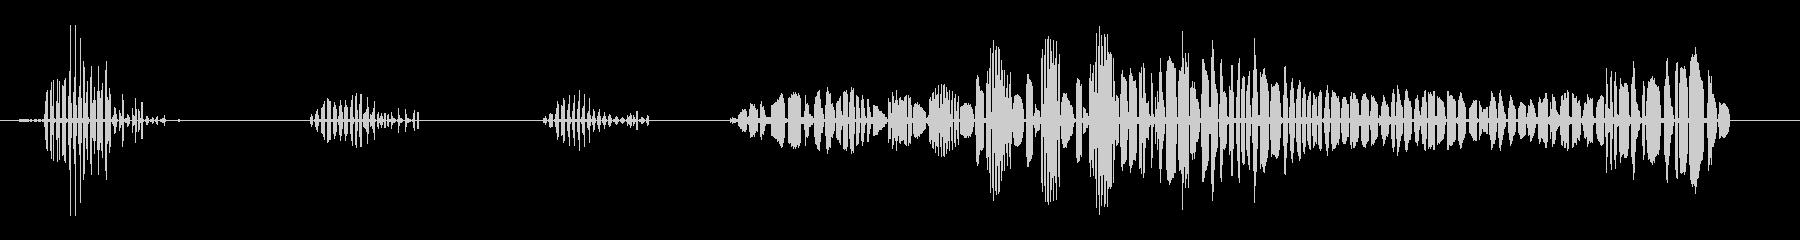 ソースクルカ-アロンドラの未再生の波形